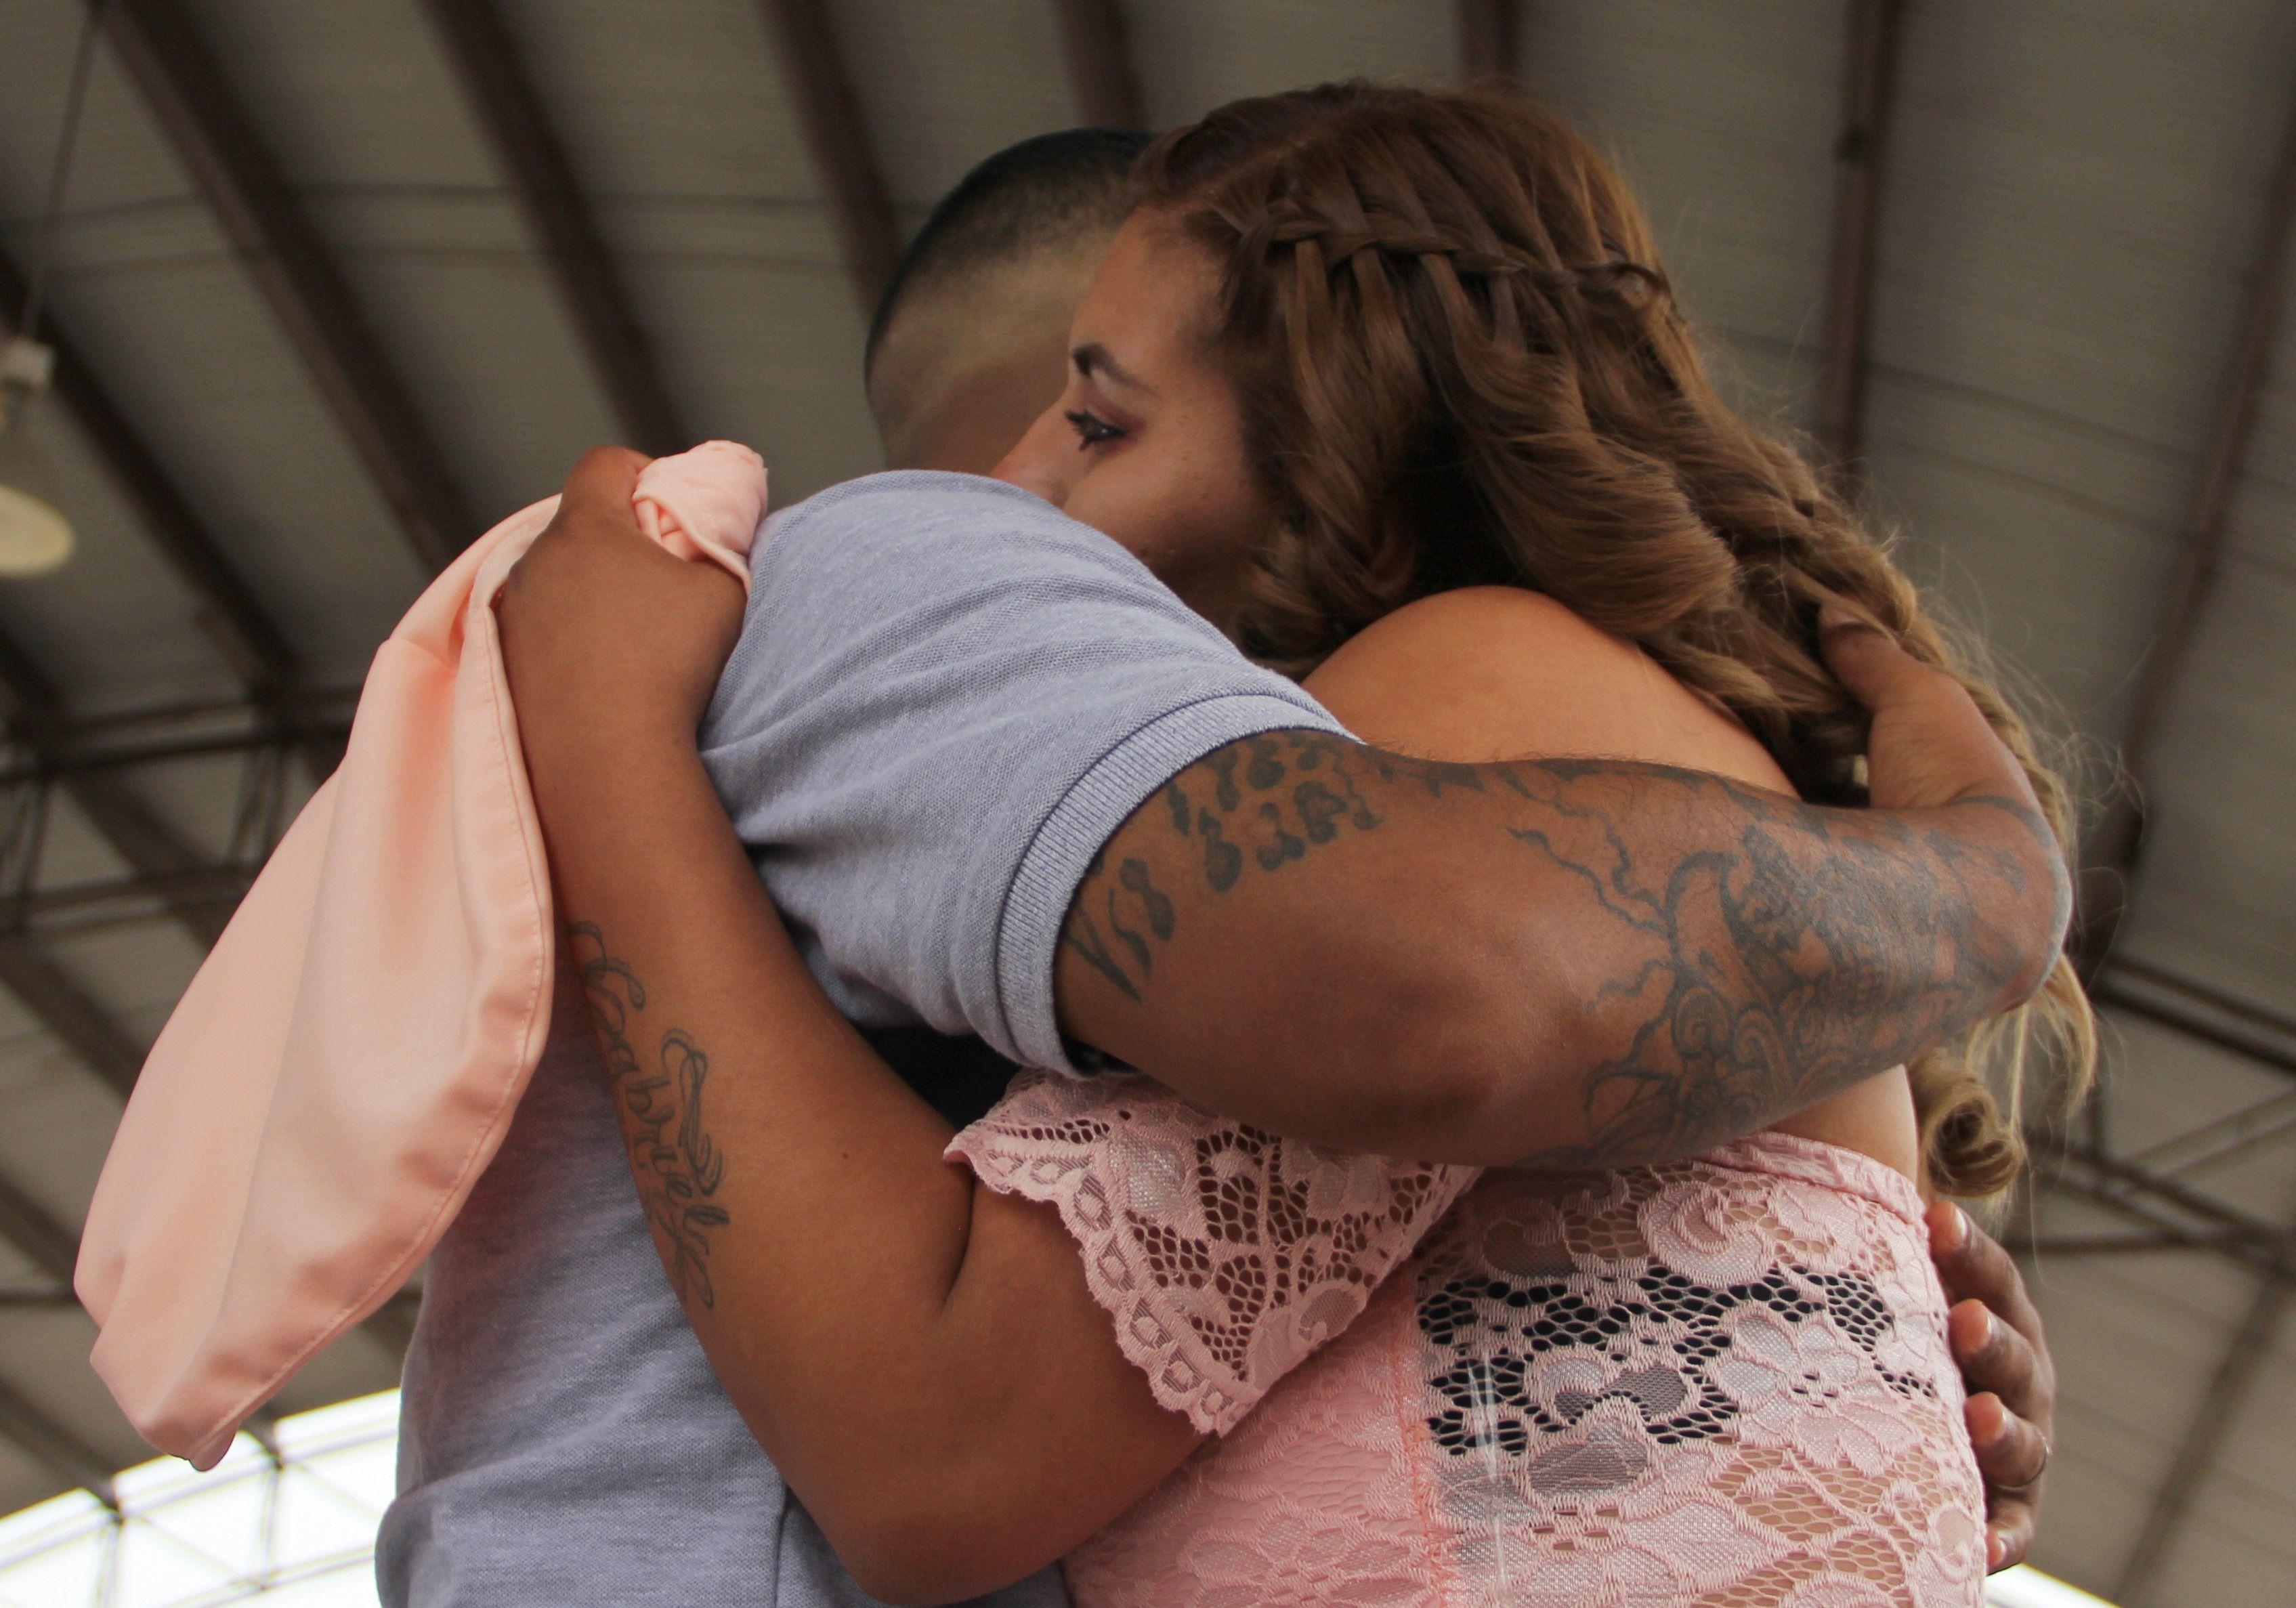 رجل يحضن زوجته فى خلف القضبان